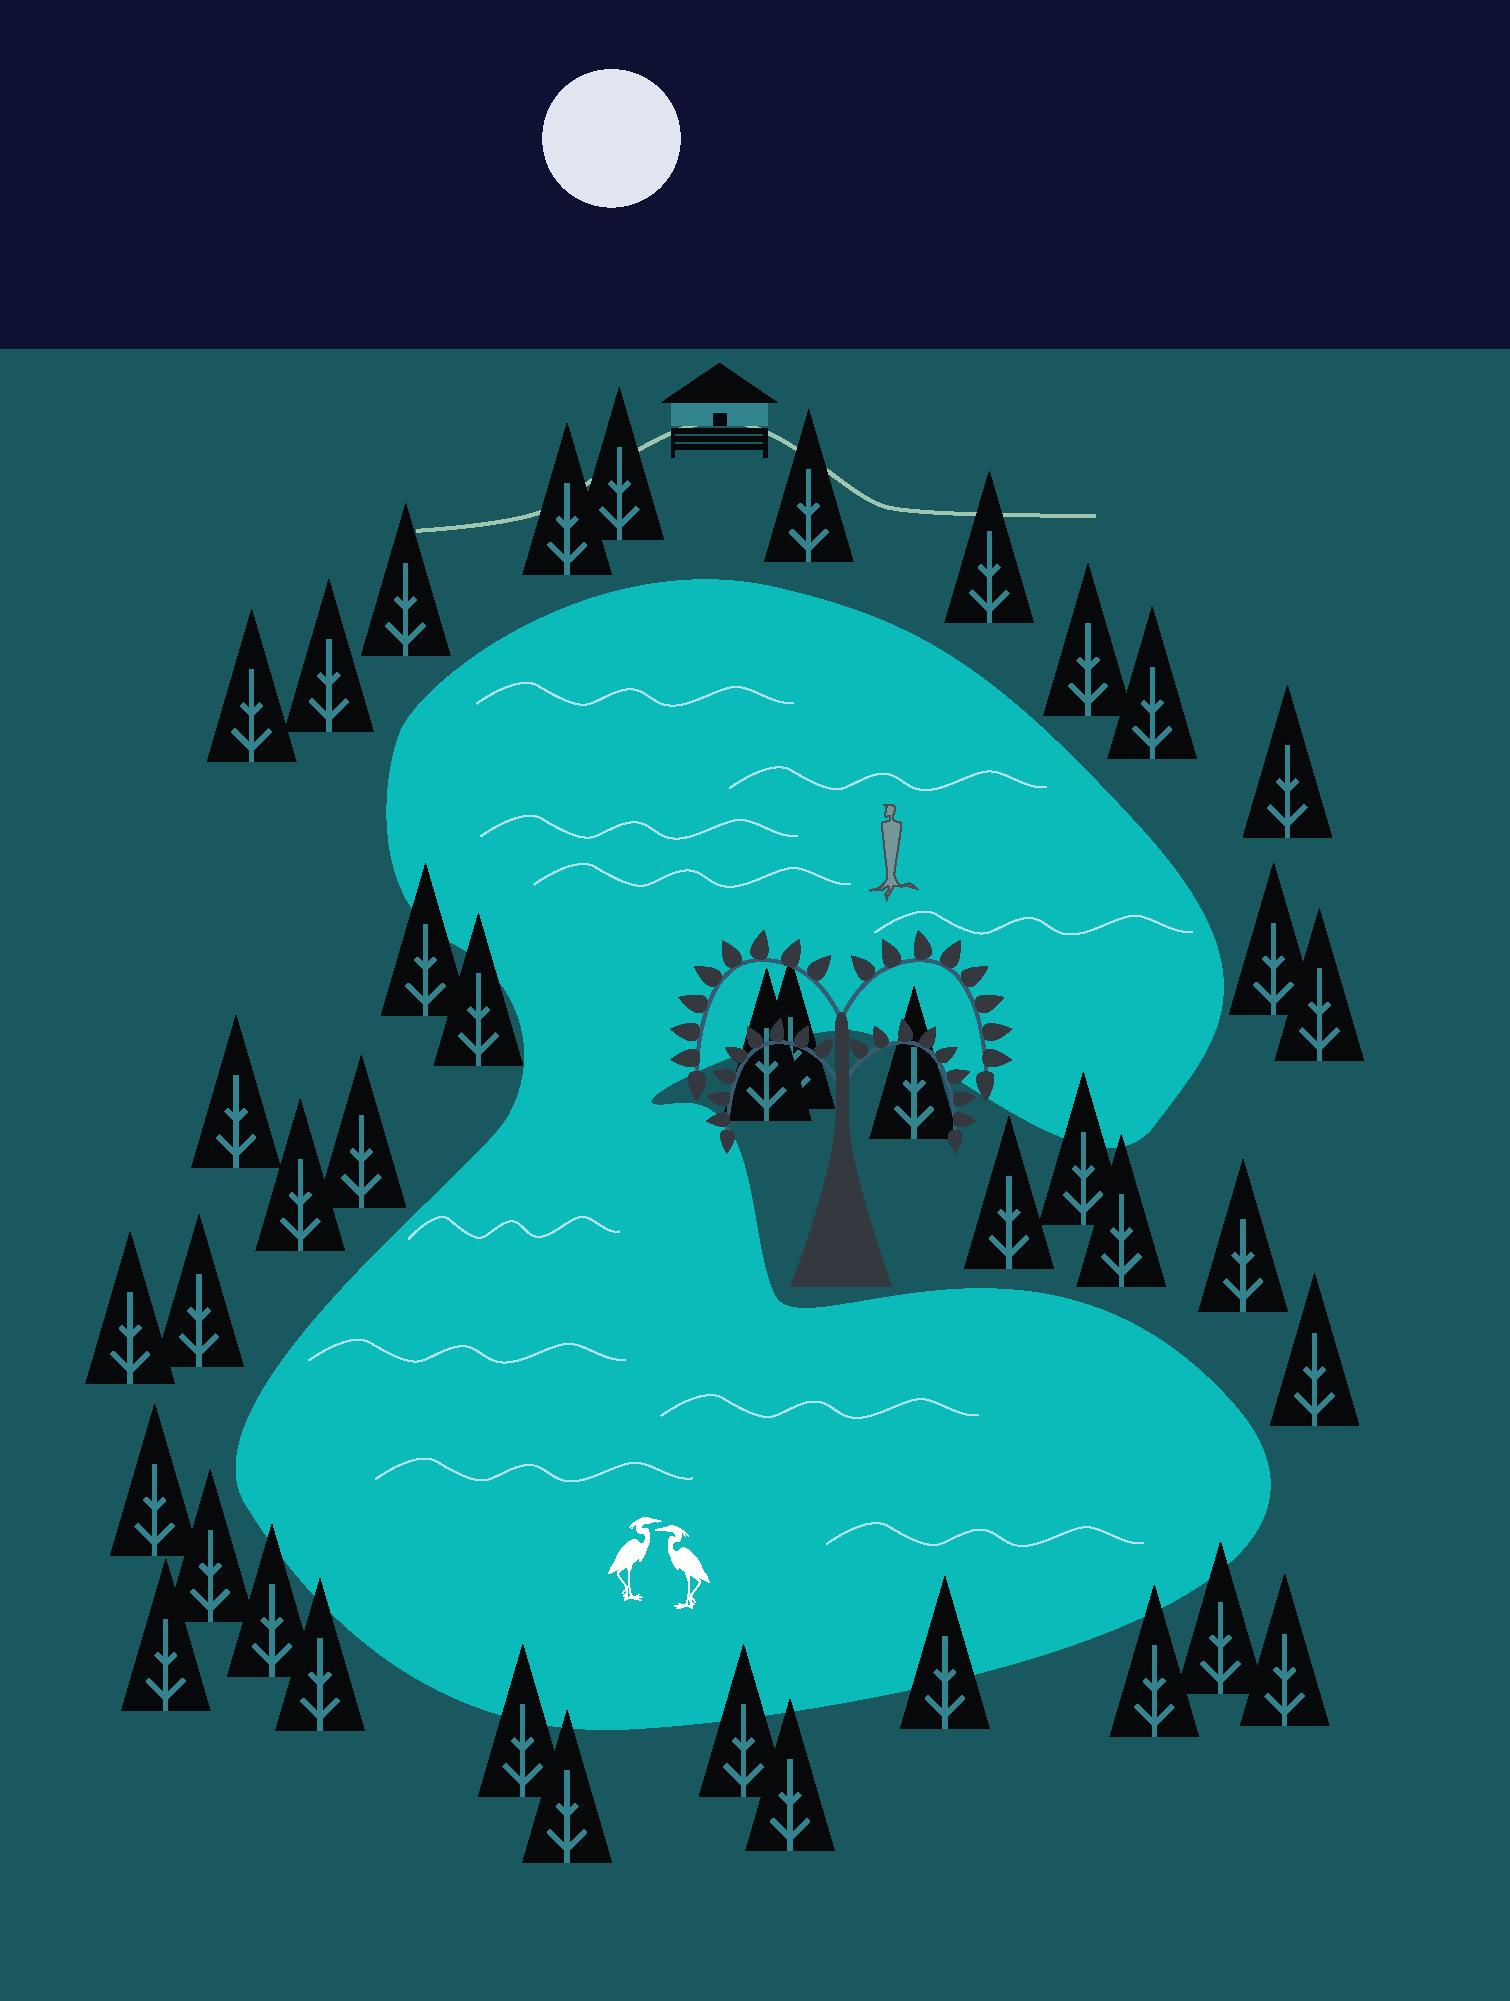 Lake Layout (Nivetha)